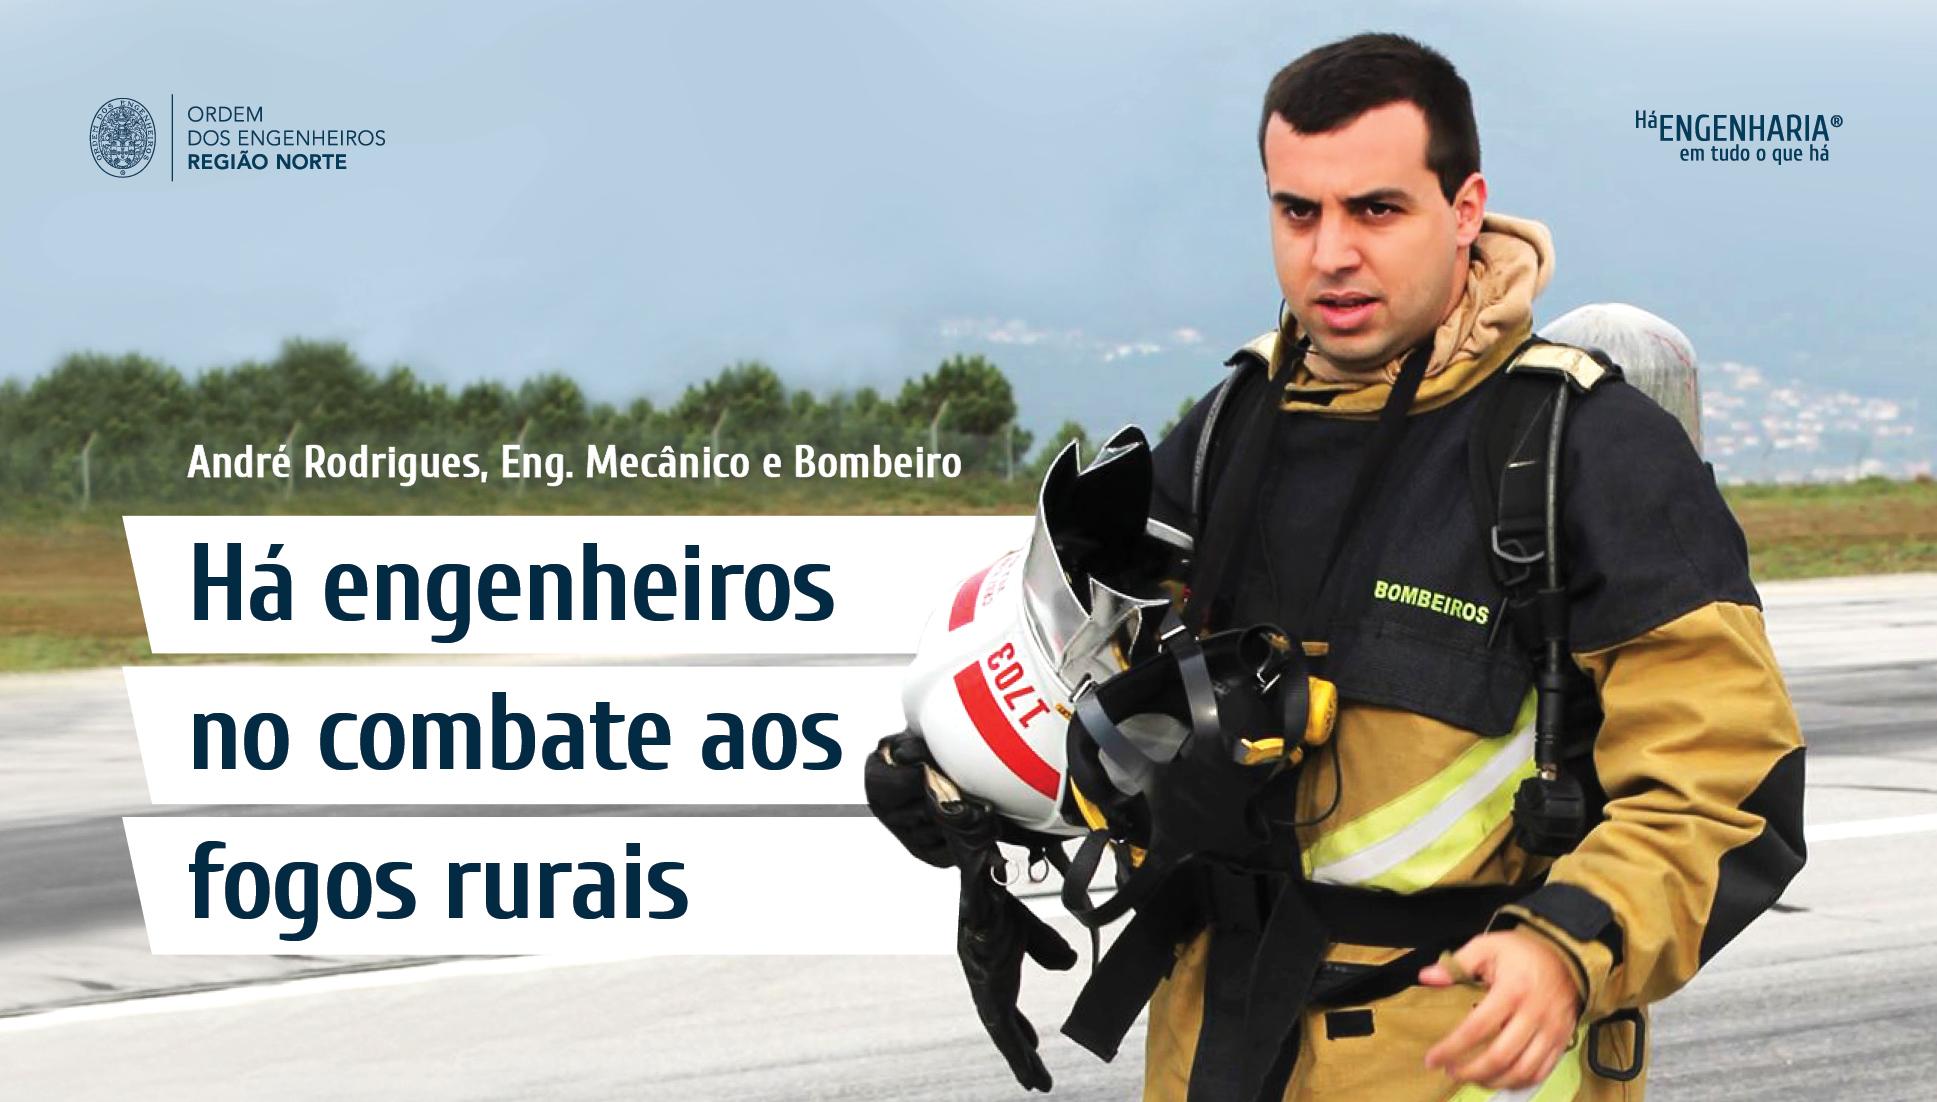 Plataforma Notícias Ordem Engenheiros Região Norte - Grandes Entrevistas de Engenharia com… André Rodrigues